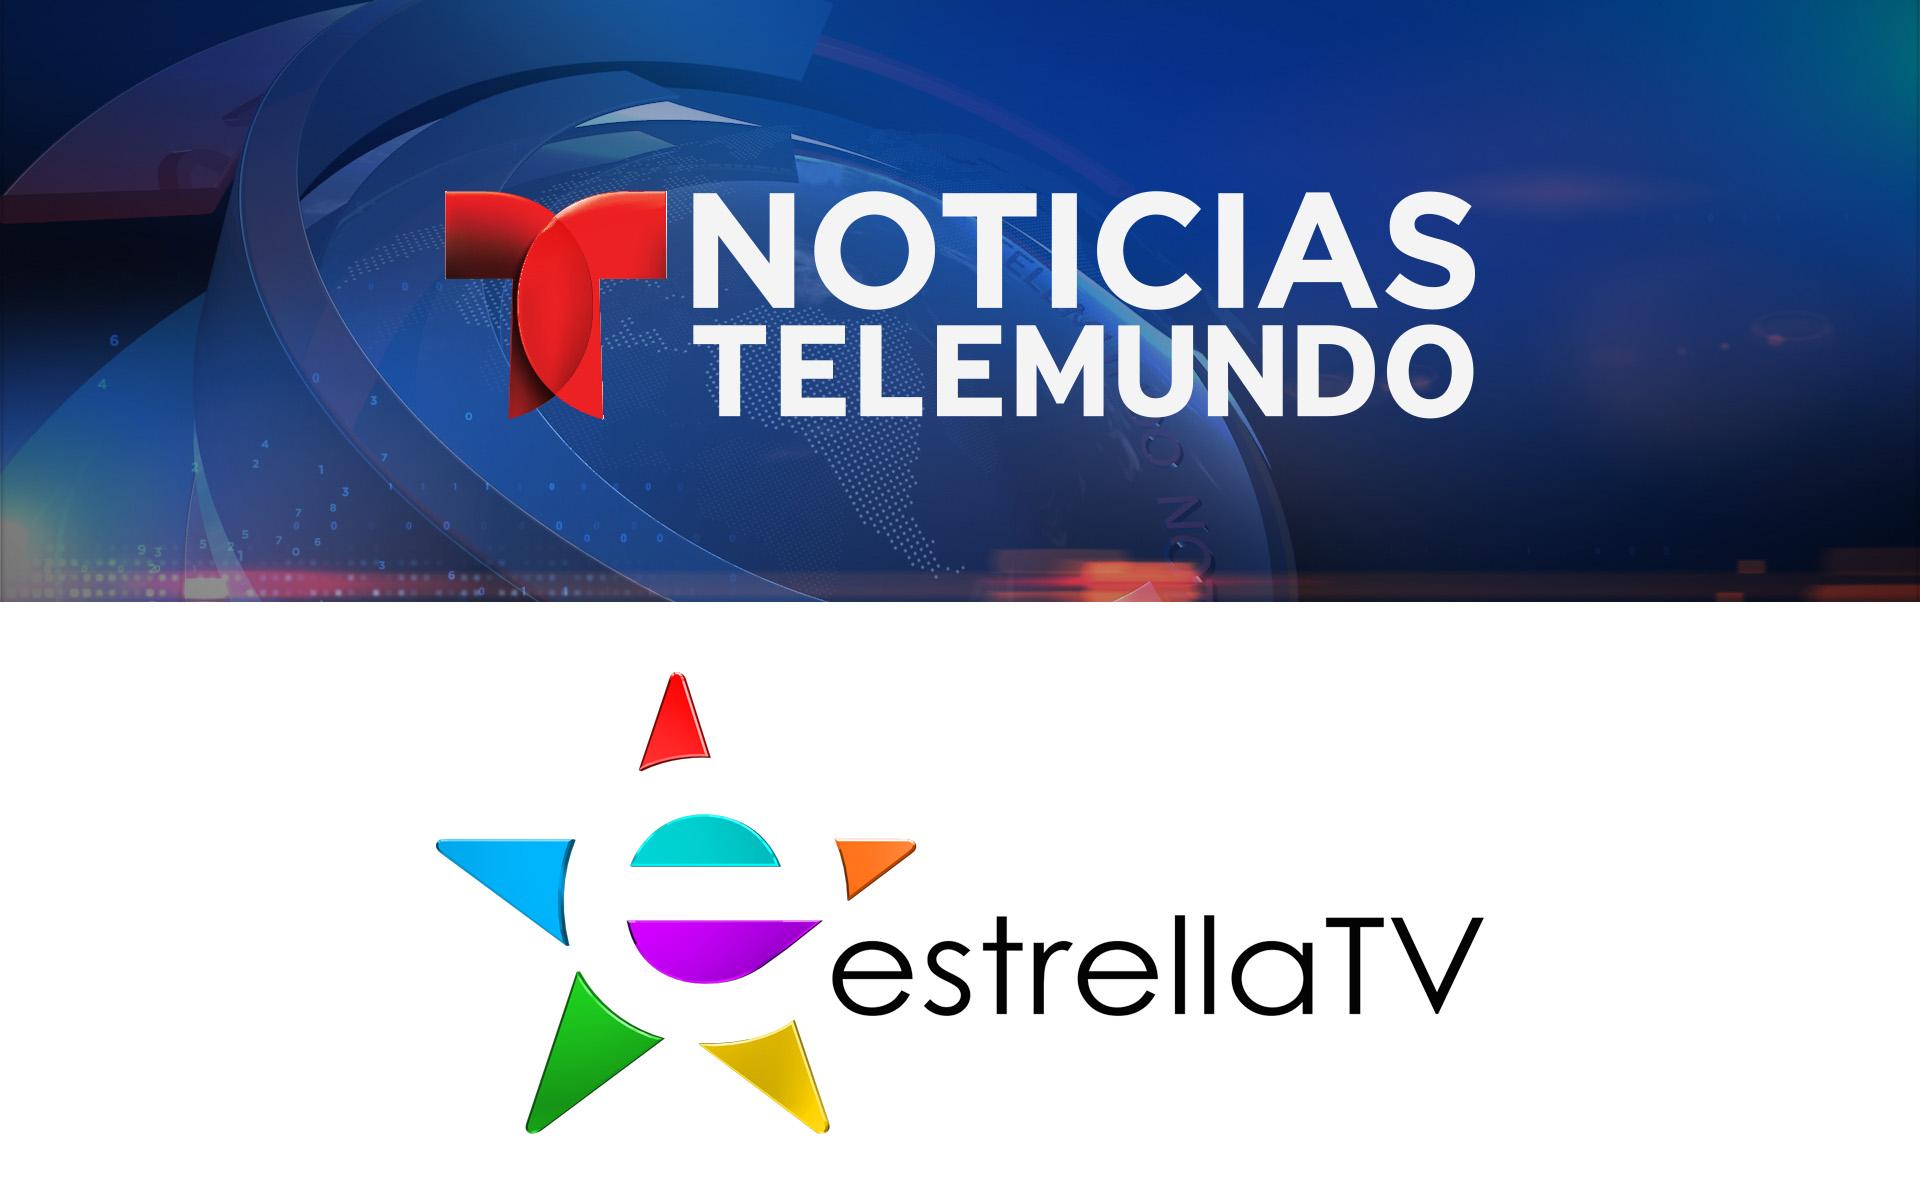 TELEMUNDO LANZA NOTICIEROS AL MEDIODÍA Y LBI MEDIA ANUNCIA LA COMPRA DE WGEN-TV EN MIAMI